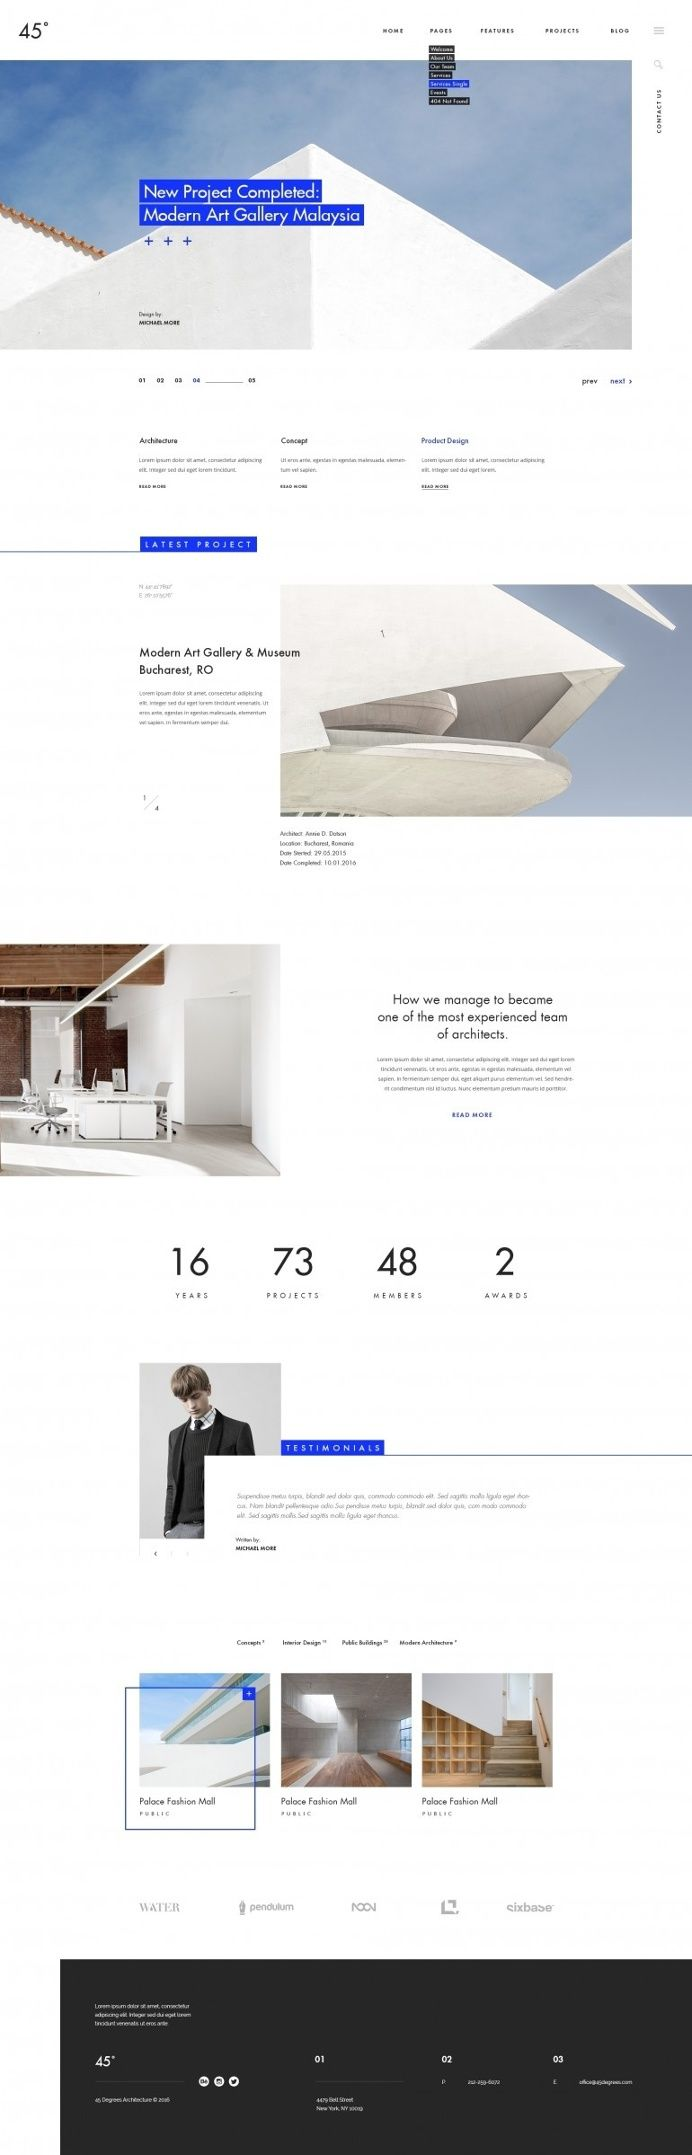 45 degrees – Architecture Studio in Web design